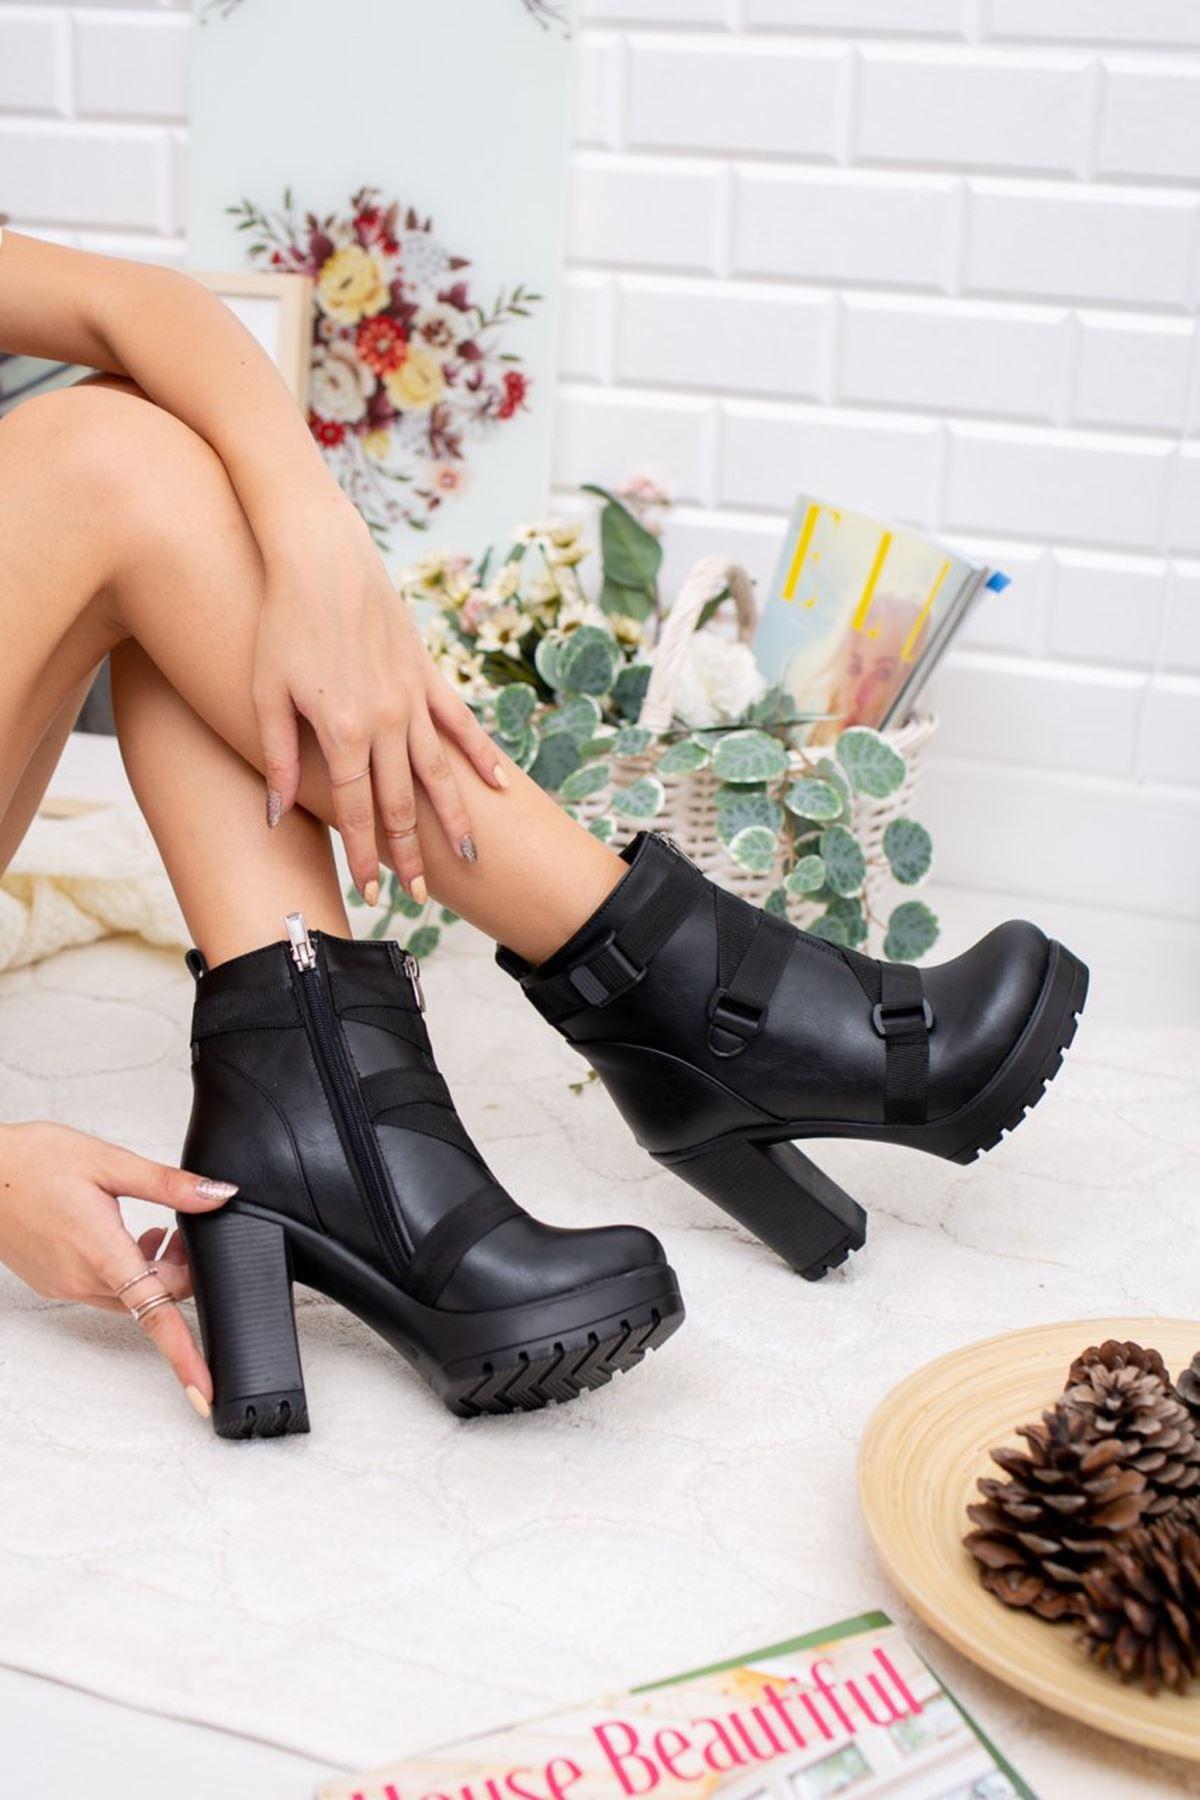 Kadın Depni Çapraz Kemer Yüksek Topuklu Mar Deri Siyah Bot